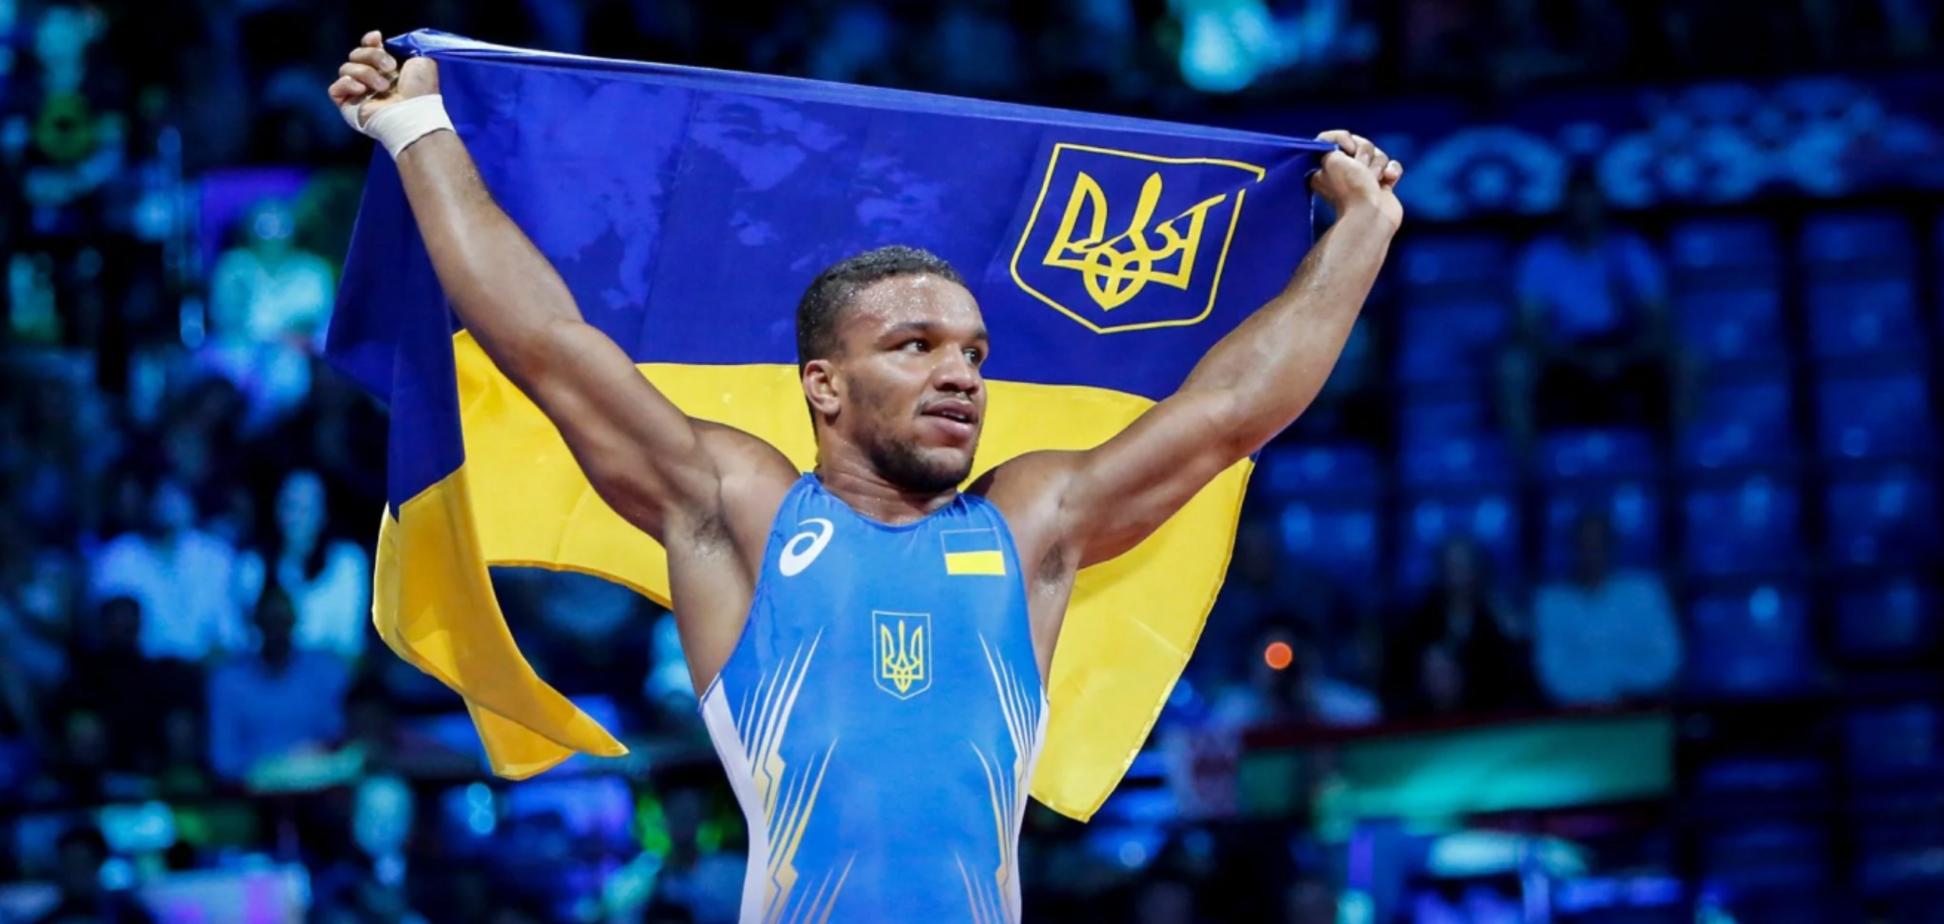 До кінця не хотіли: Беленюк поділився думкою про перенесення Олімпіади-2020